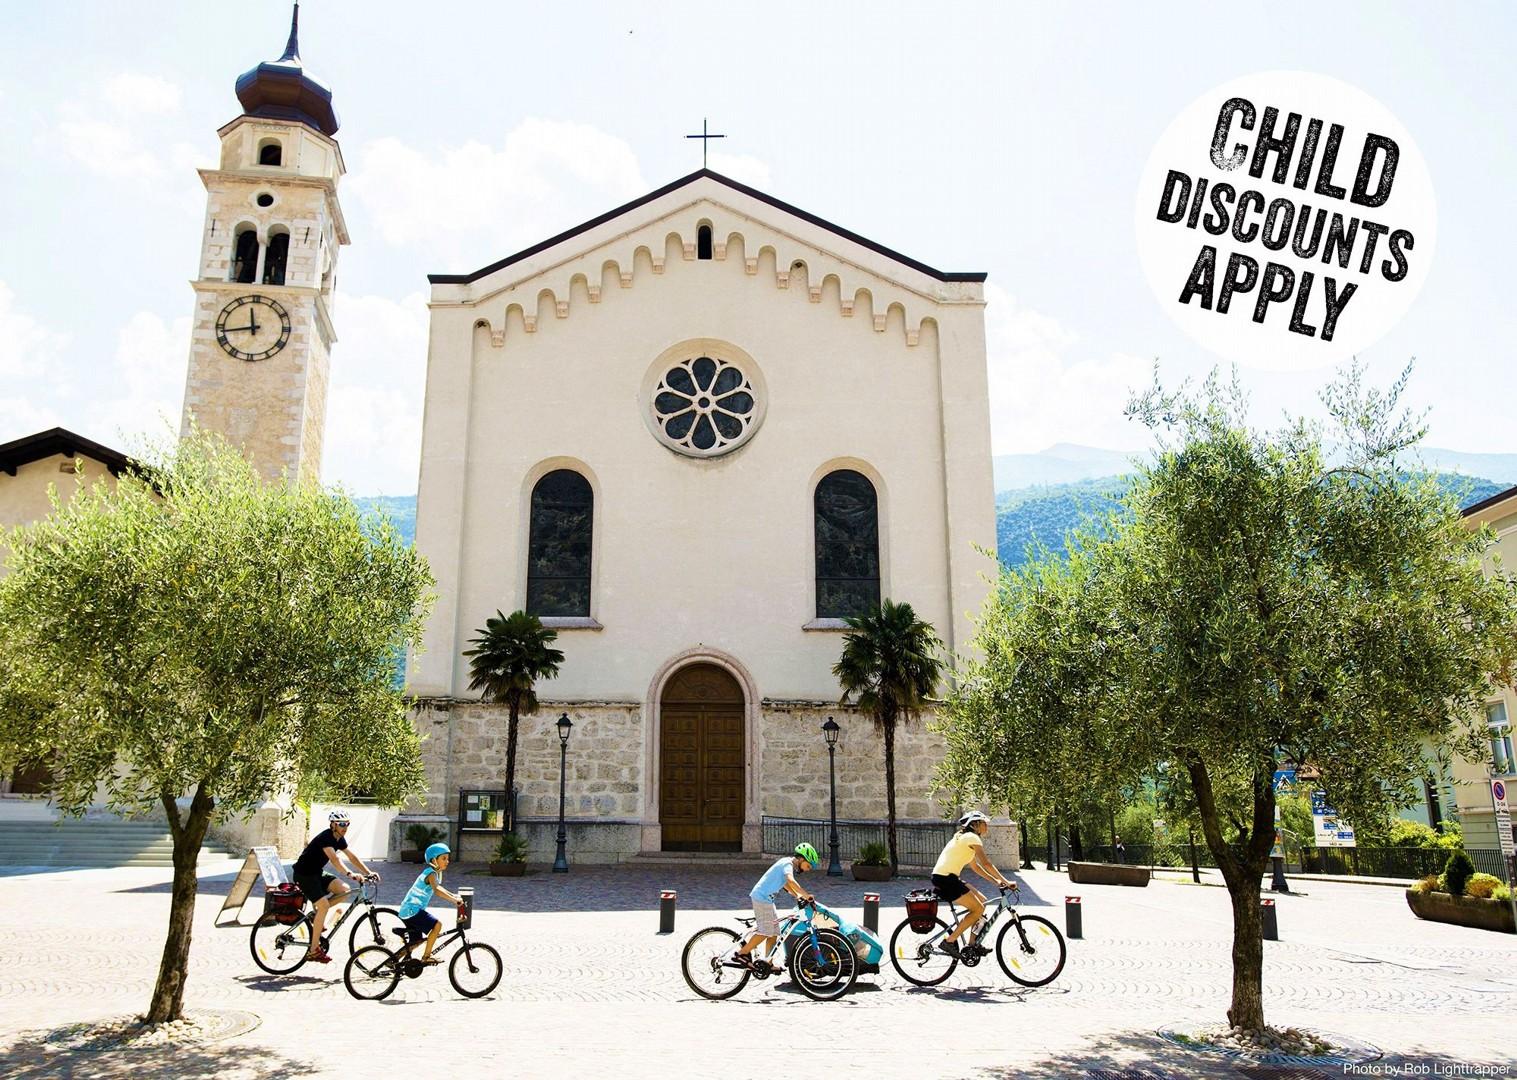 La Via Claudia.jpg - Italy - La Via Claudia - Self-Guided Family Cycling Holiday - Family Cycling